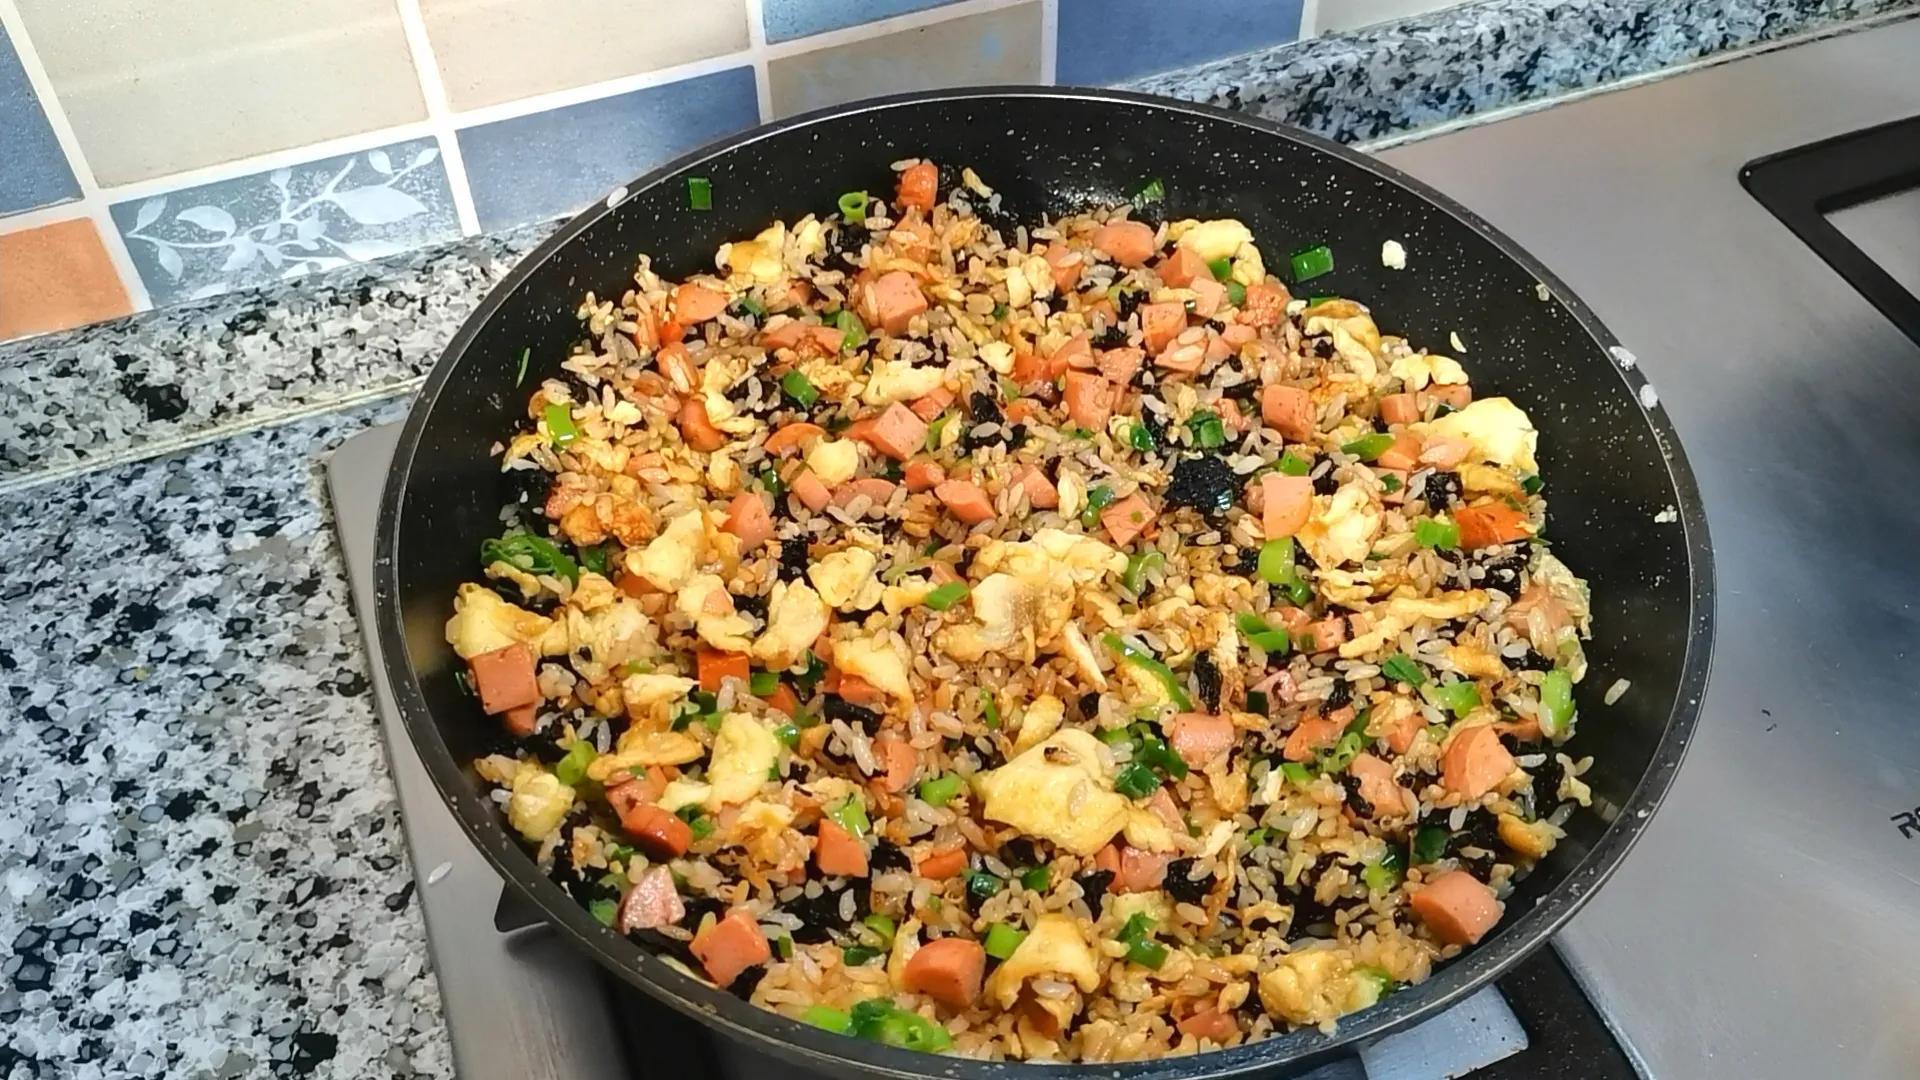 紫菜不要老做汤,试试这样做,好吃又营养,老中幼都爱吃 美食做法 第13张